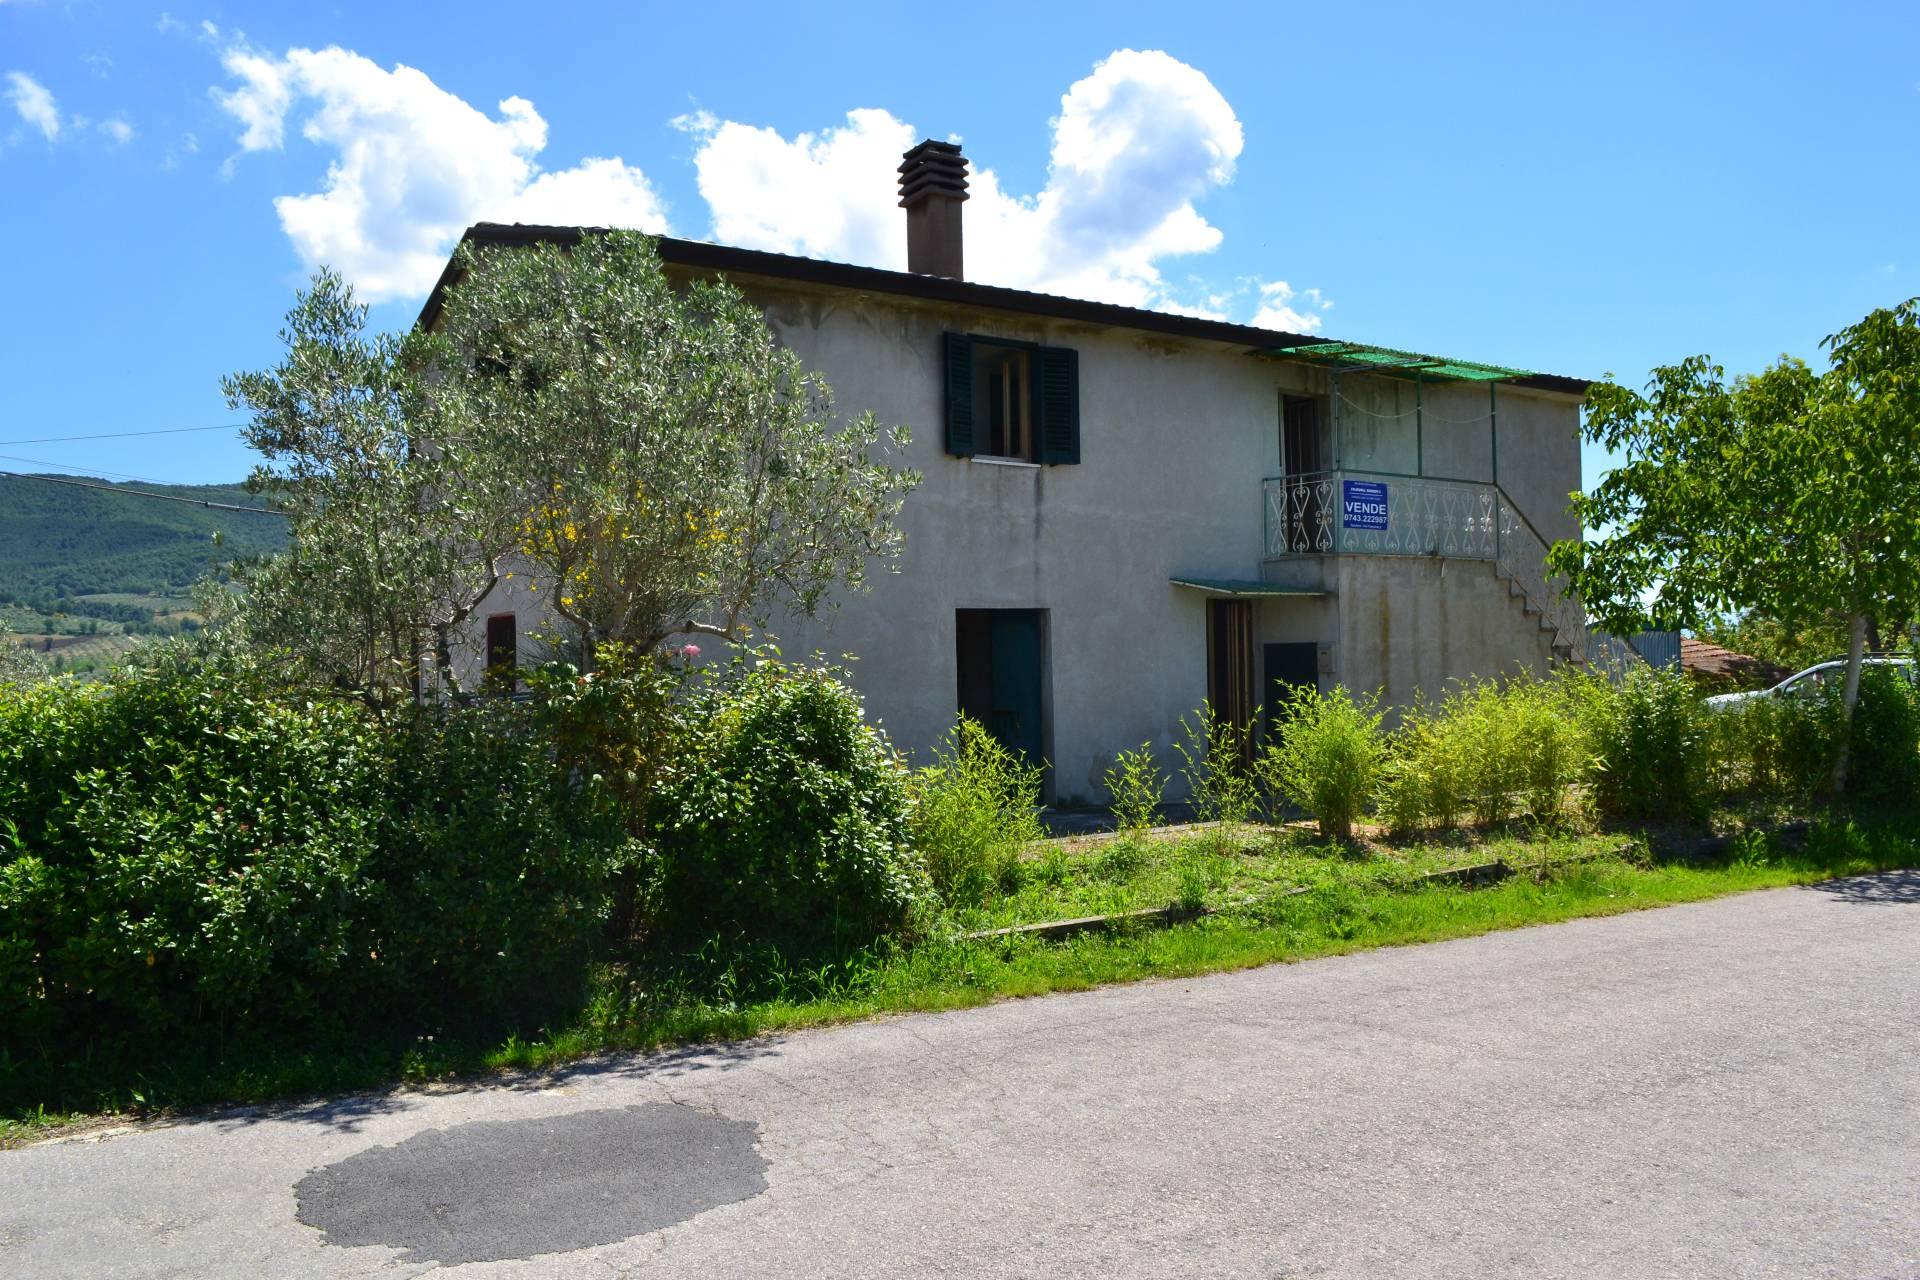 Soluzione Indipendente in vendita a Gualdo Cattaneo, 5 locali, zona Zona: Cerquiglino, prezzo € 69.000 | Cambio Casa.it